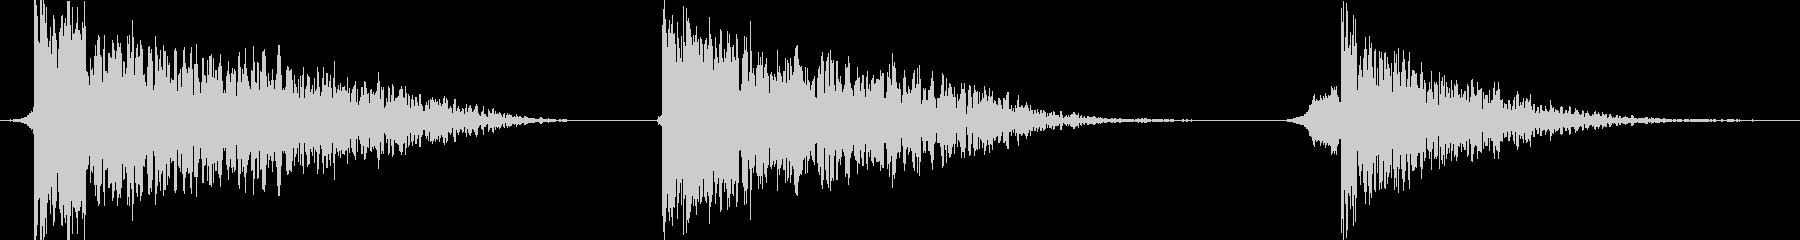 火 スペルファイアインパクトラージ01の未再生の波形